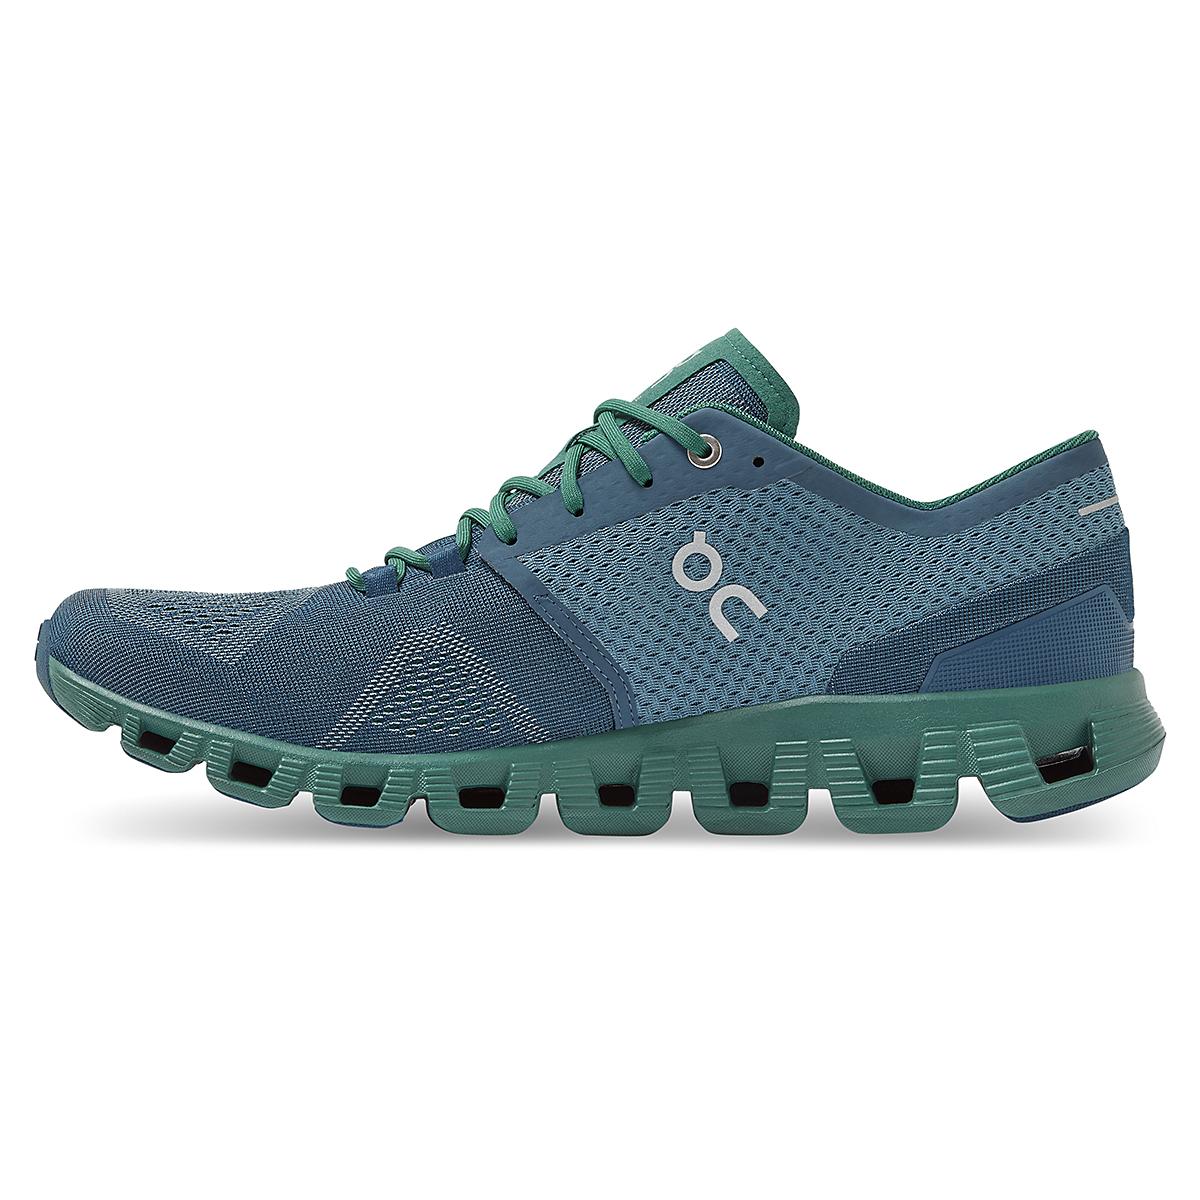 Men's On Cloud X 2.0 Running Shoe - Color: Storm/Tide - Size: 7 - Width: Regular, Storm/Tide, large, image 2